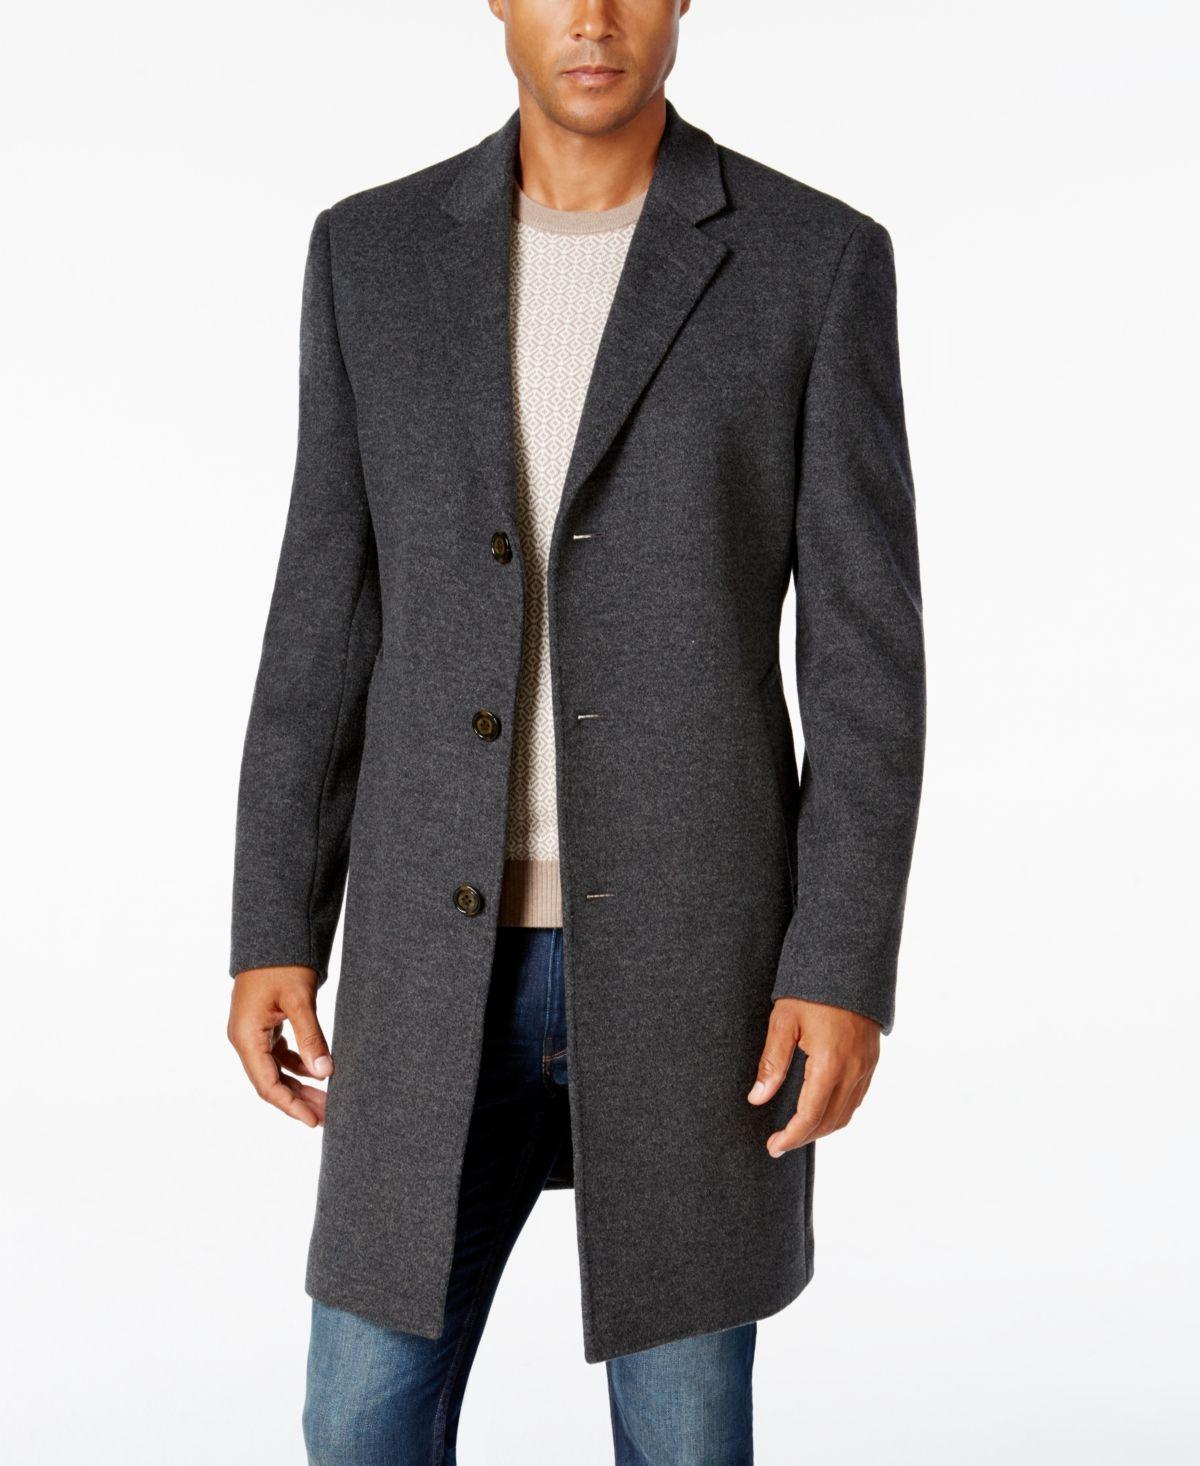 Lauren Ralph Lauren Men S Luther Luxury Blend Overcoat Reviews Coats Jackets Men Macy S In 2021 Mens Dress Coats Mens Overcoat Overcoats [ 1466 x 1200 Pixel ]